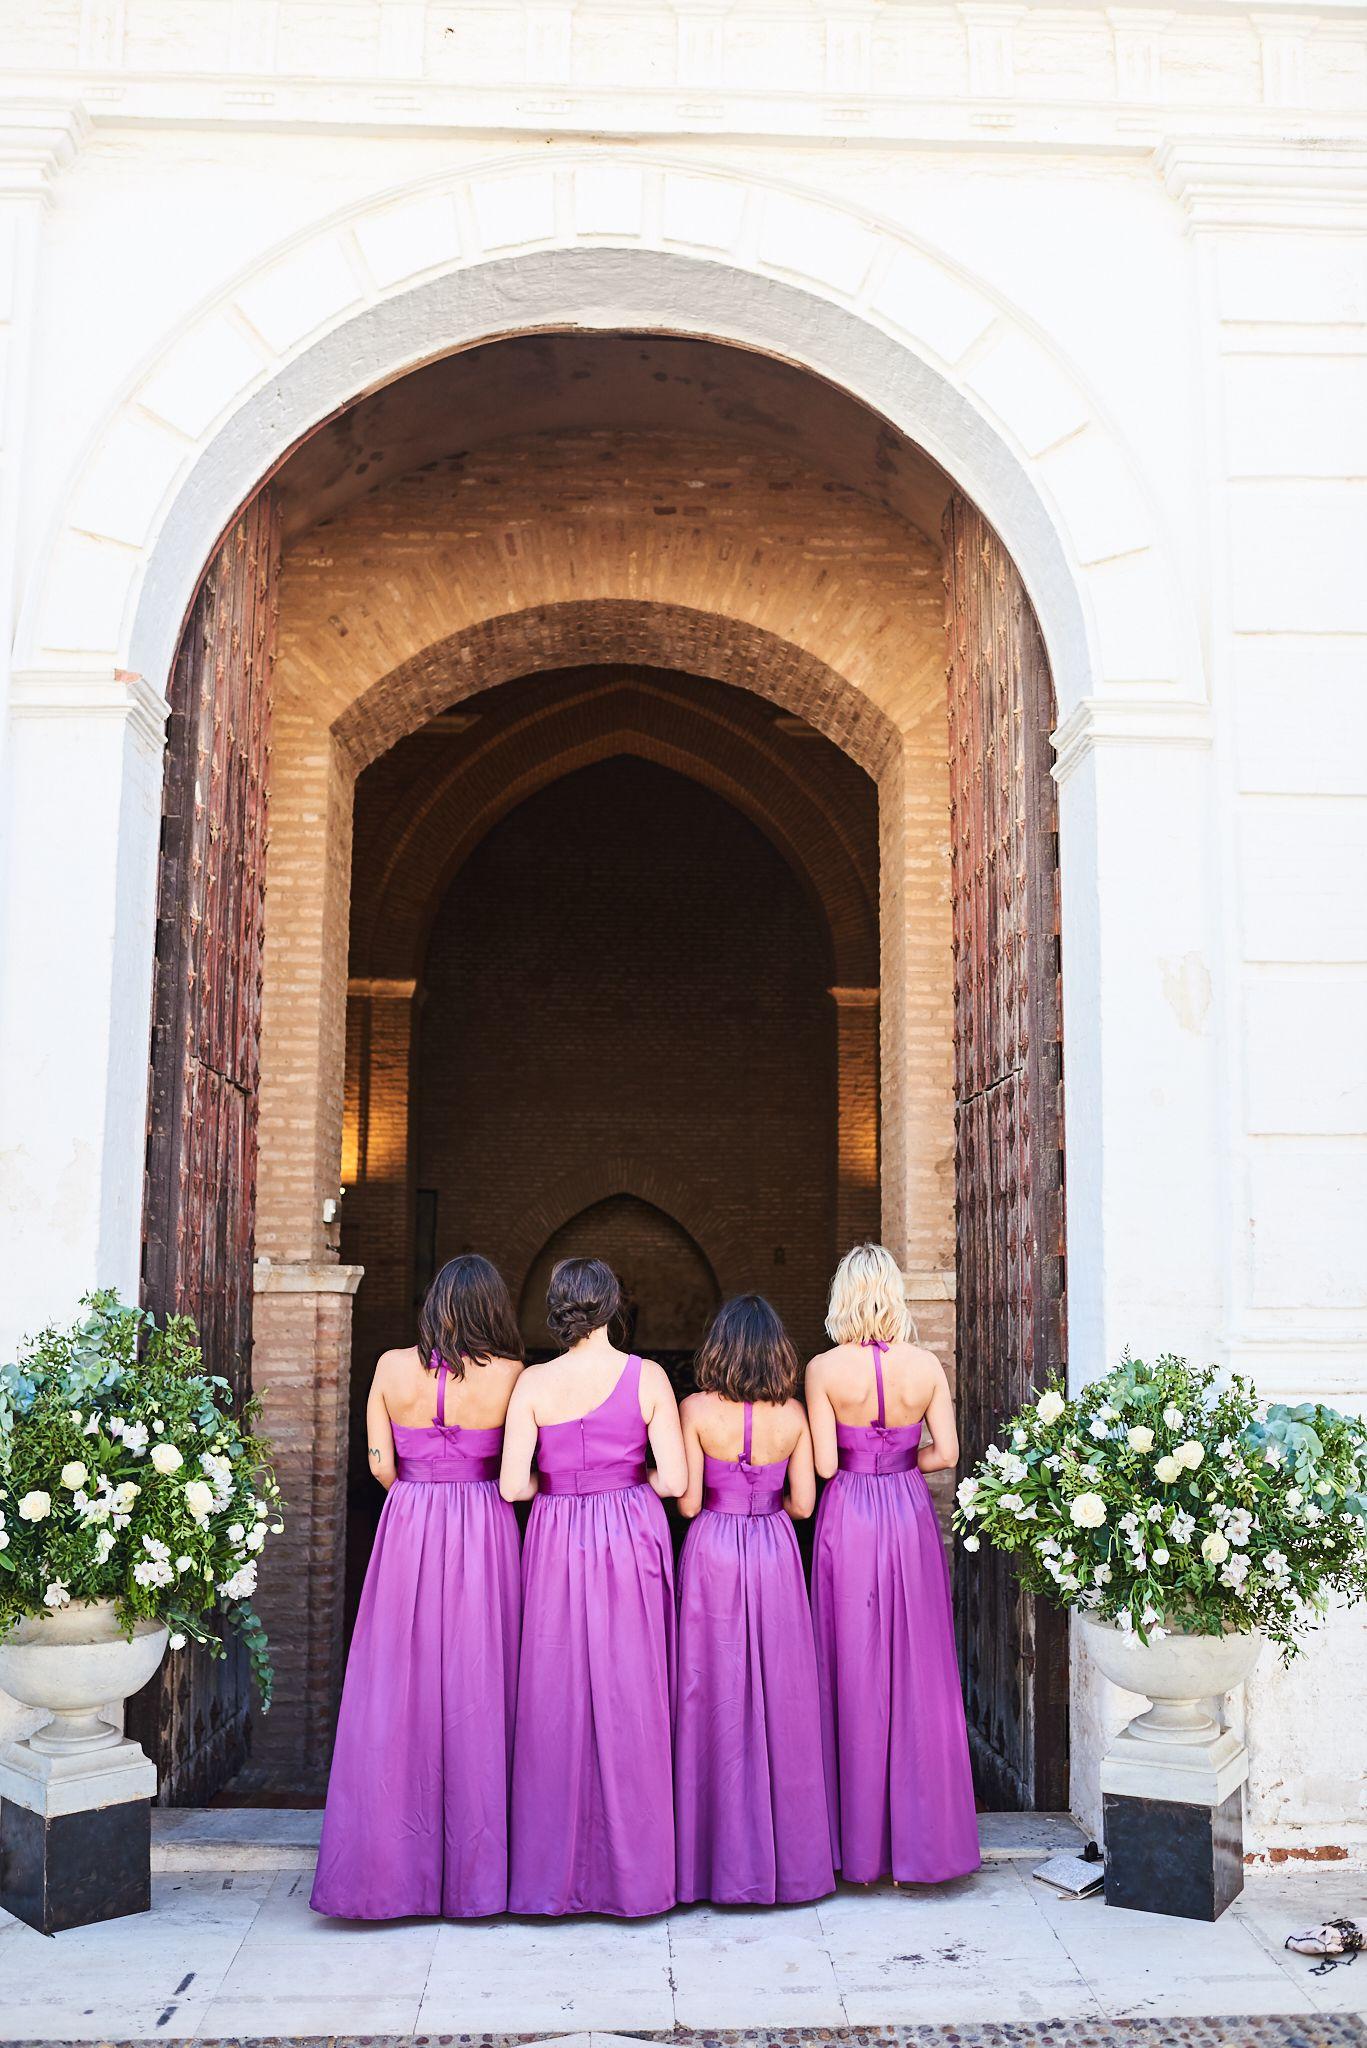 La-22Destination-Wedding22-en-Moguer-de-Lauren-y-JosC3A9-Antonio-JoseAntonio-alejandromarmol0804.jpg